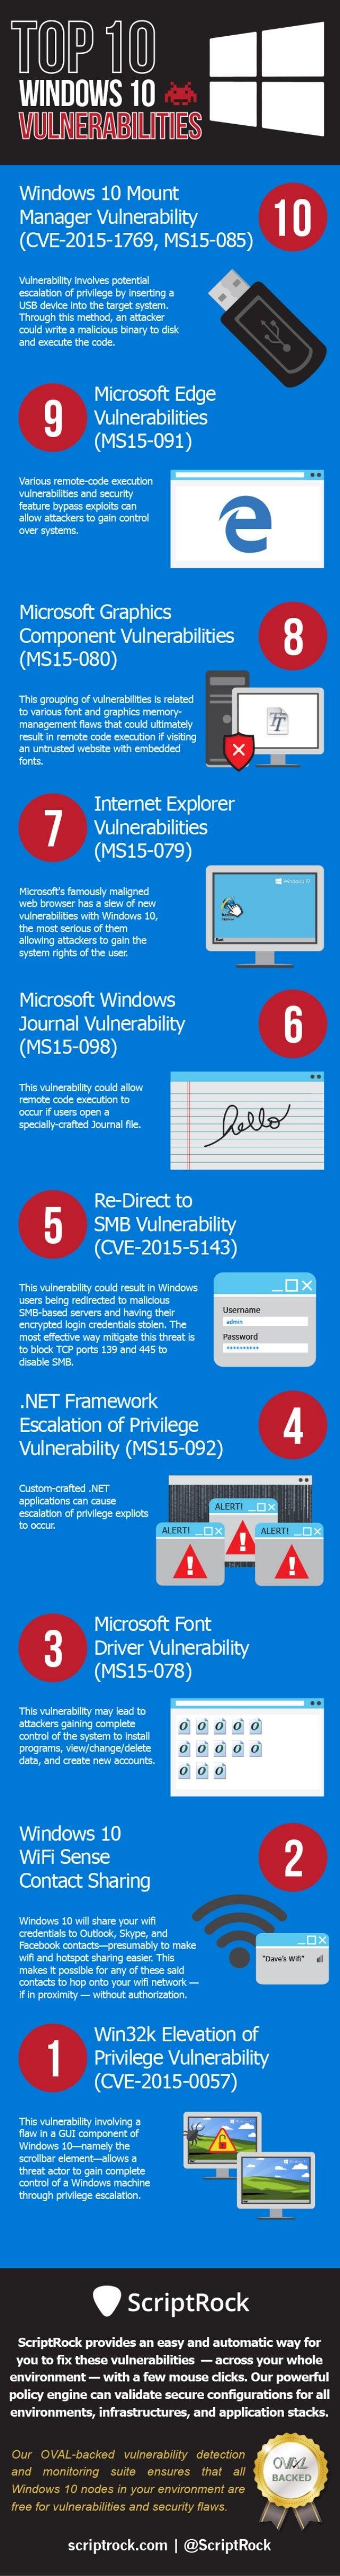 Top 10 Windows Ten Vulnerabilities - Infographic